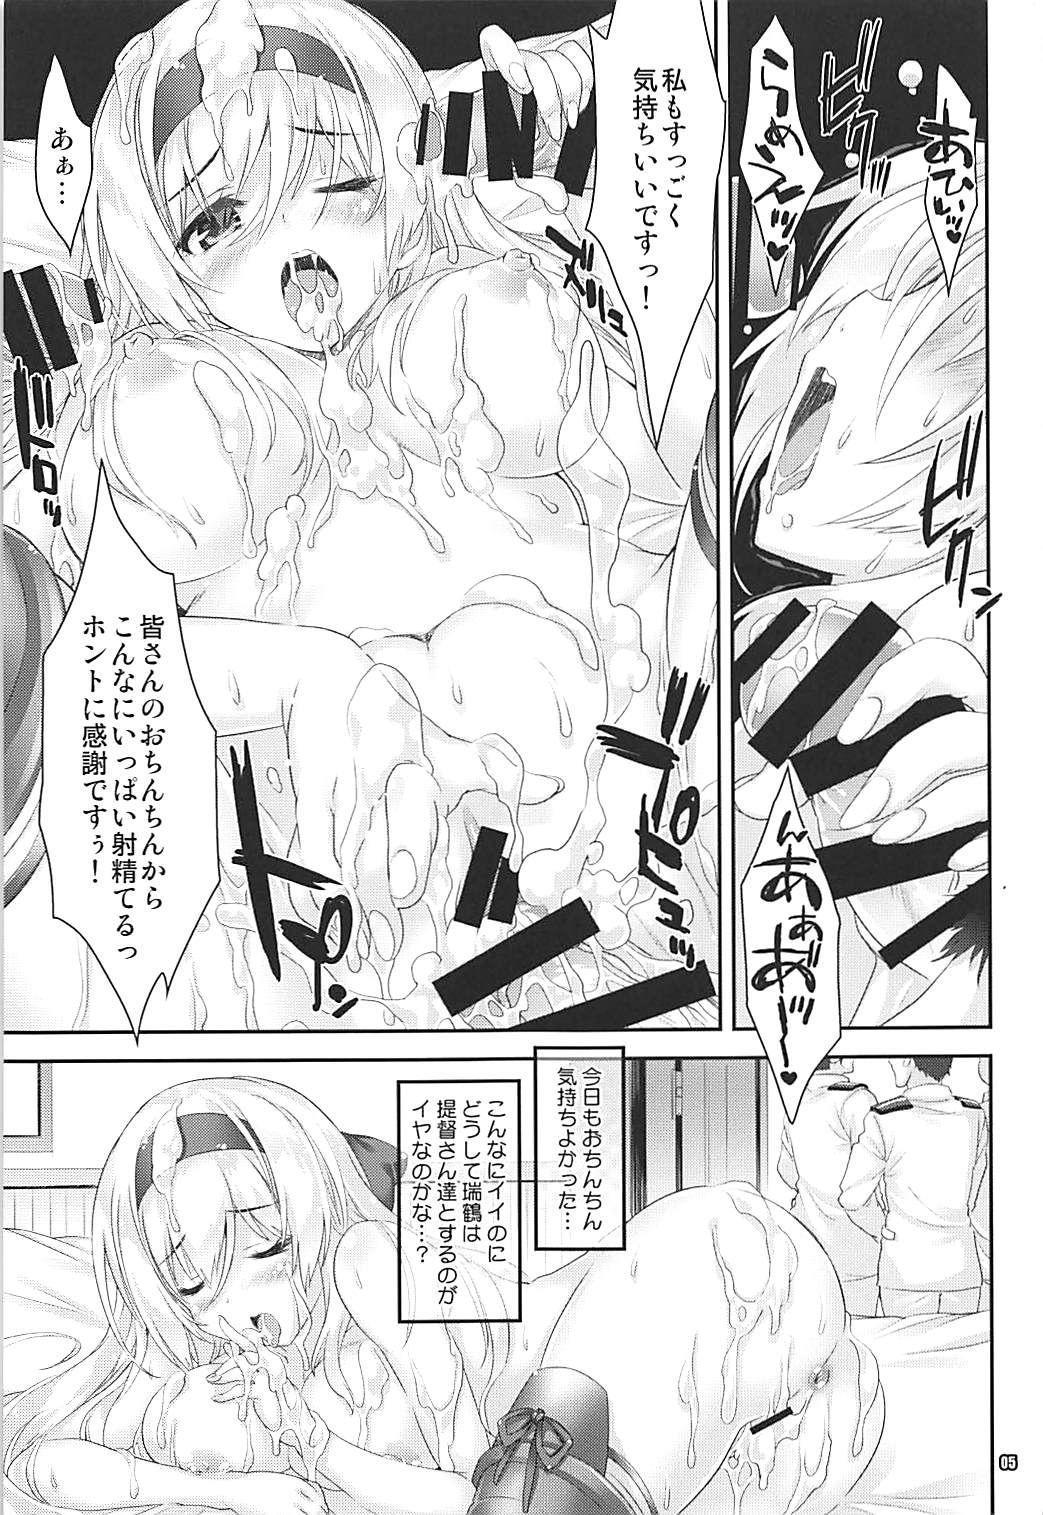 Kanmusu wa H Daisuki 10 4